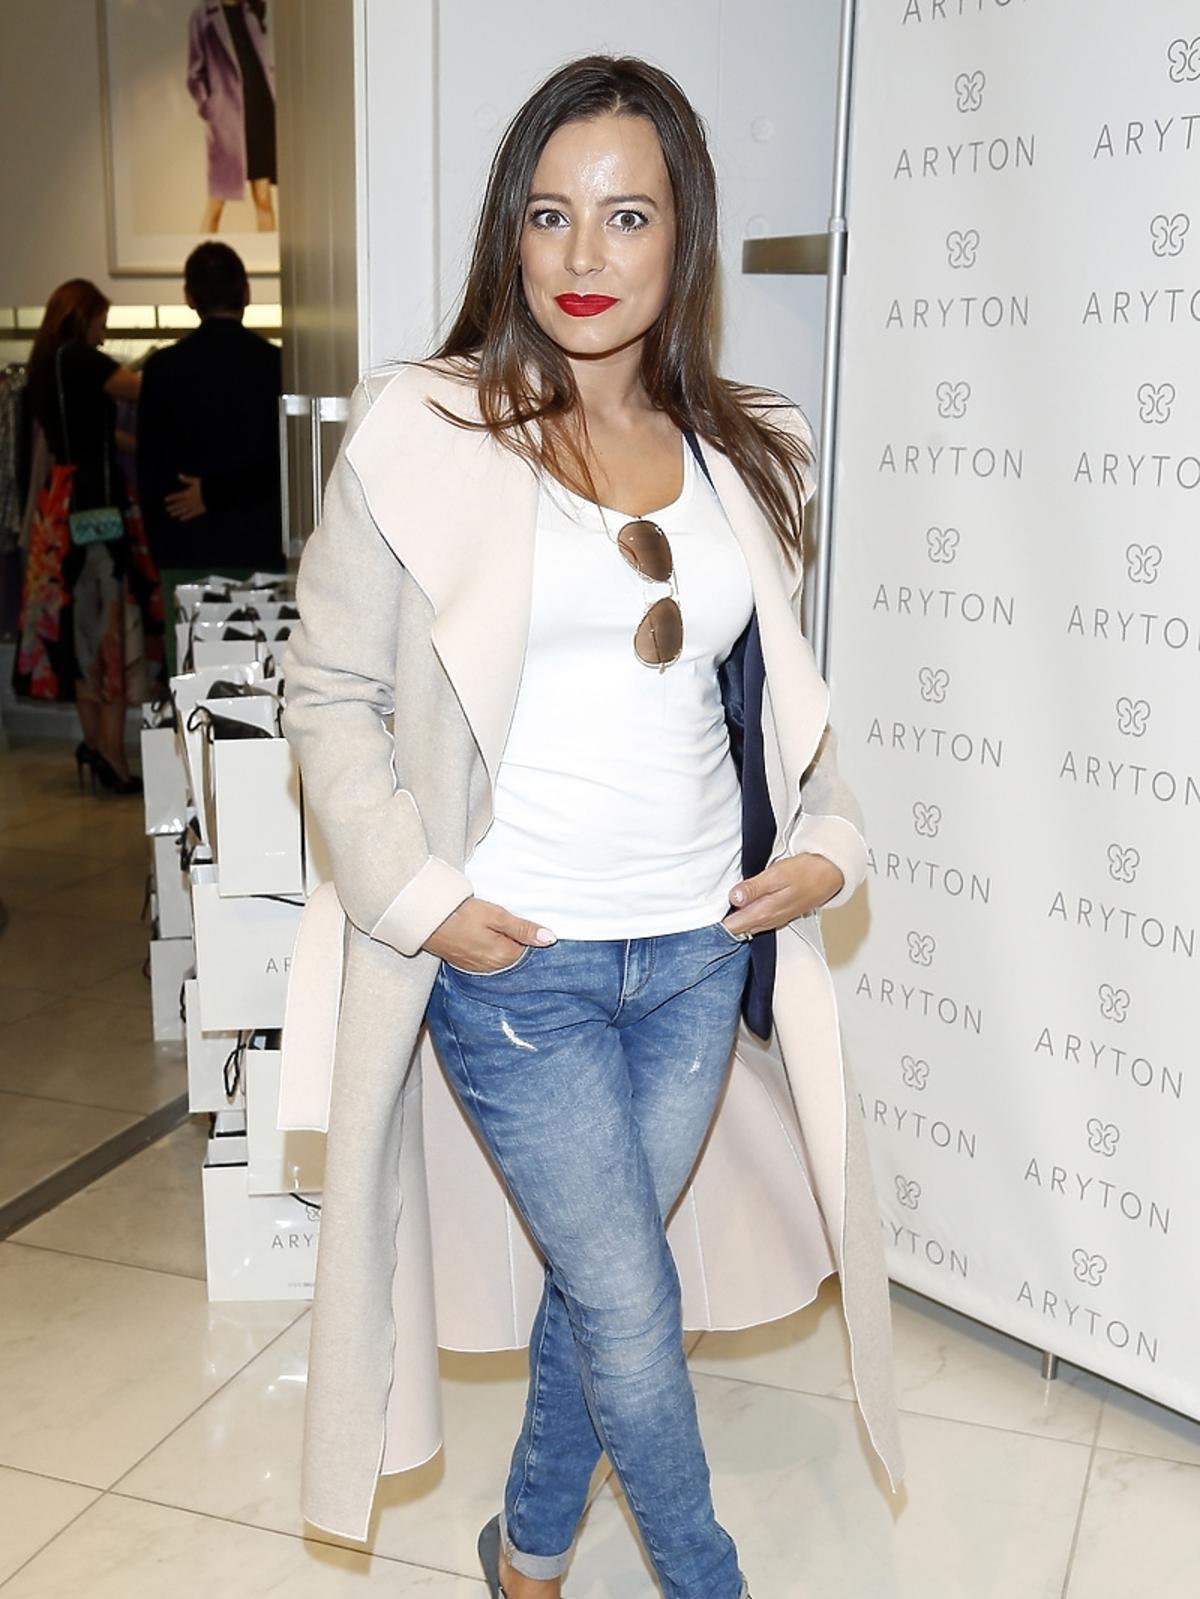 Anna Mucha na pokazie nowej kolekcji marki Aryton